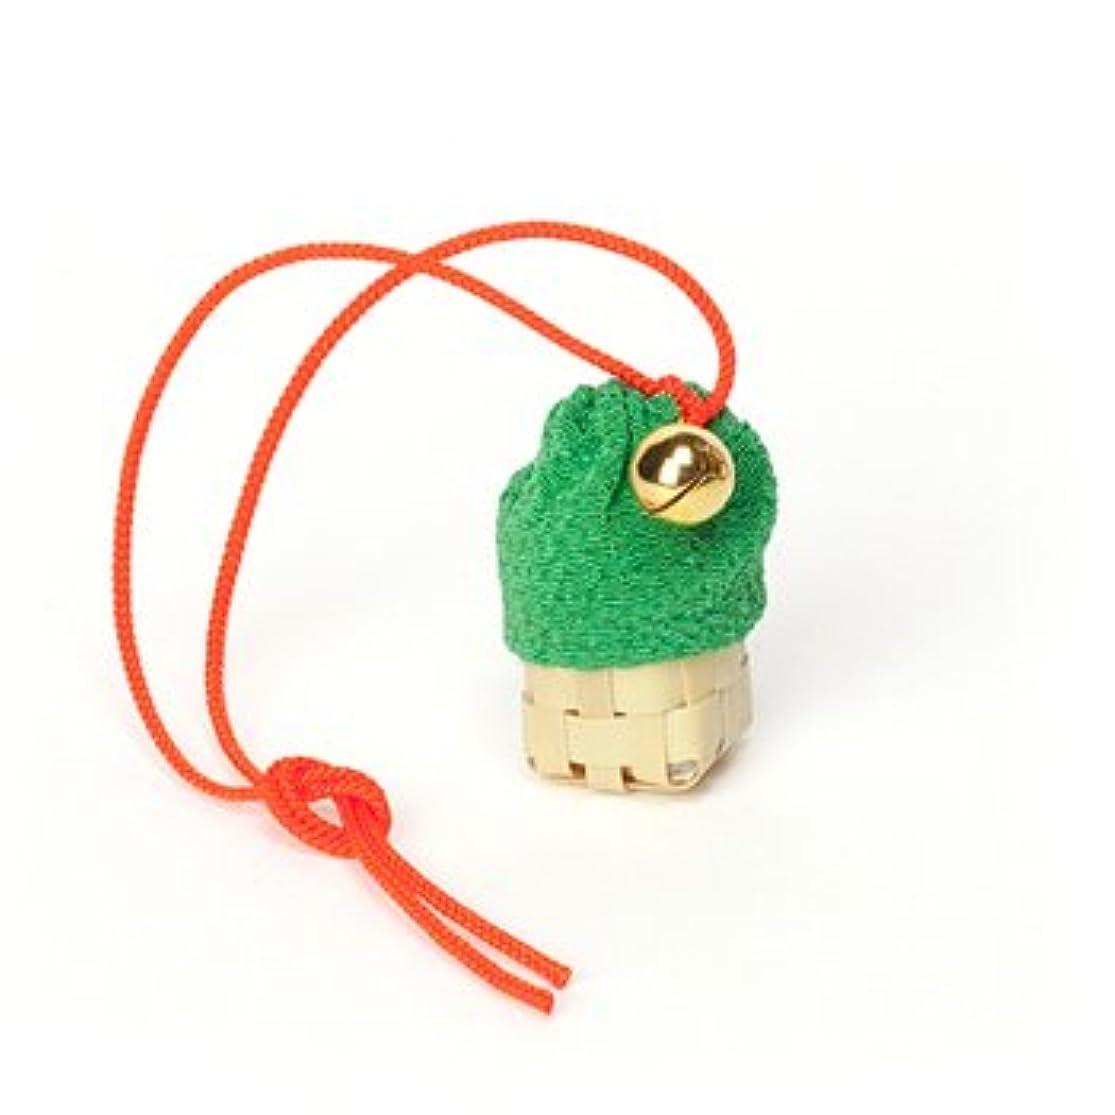 便益補助金倫理松栄堂 匂い袋 携帯用 ミニ籠 1個入 ケースなし (色をお選びください) (緑)